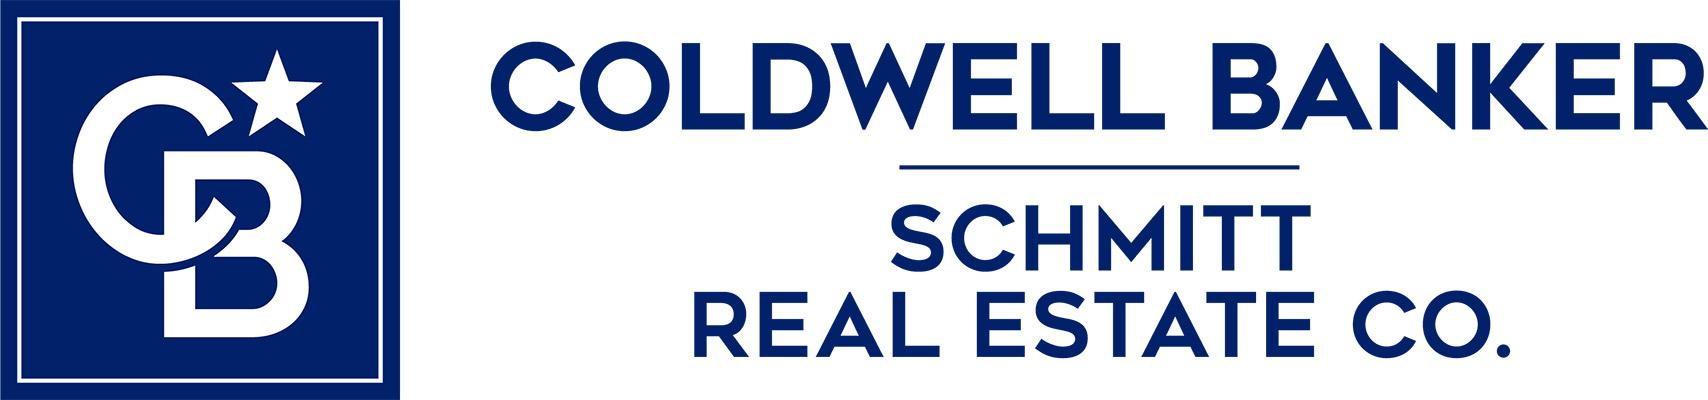 Jan Keller - Coldwell Banker Logo